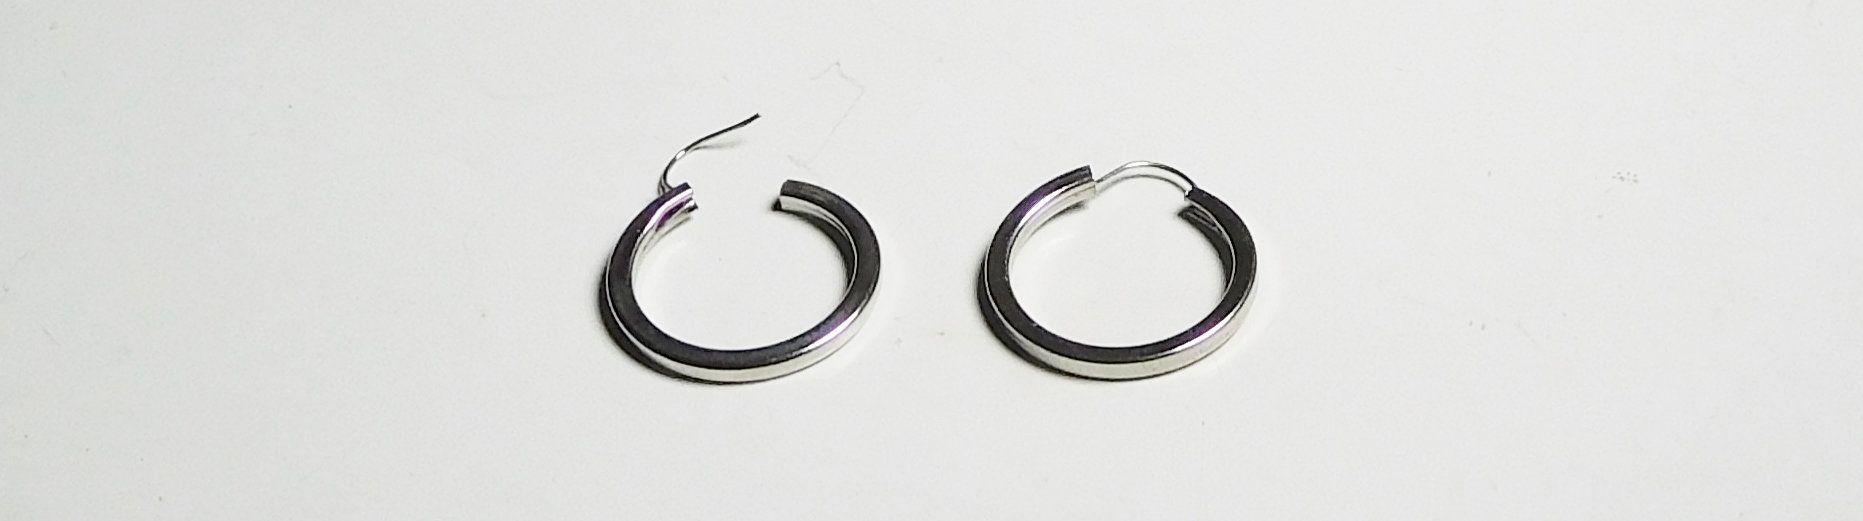 Hoop studs hoop earrings by souvenir handmade silver hoops